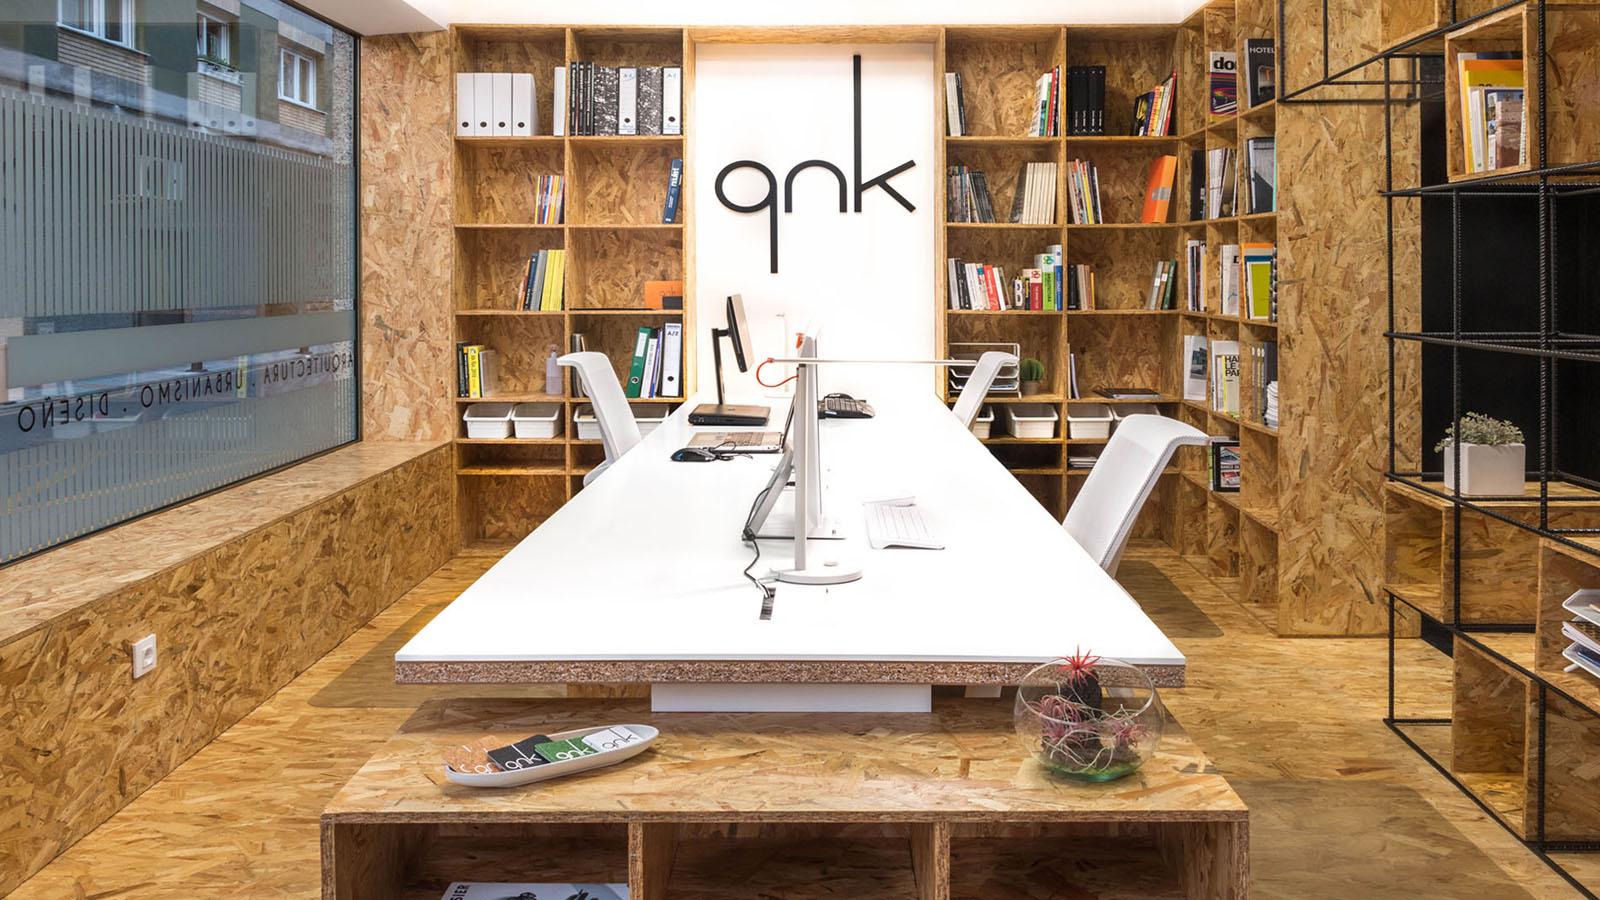 Estudio qnk. Zona de trabajo